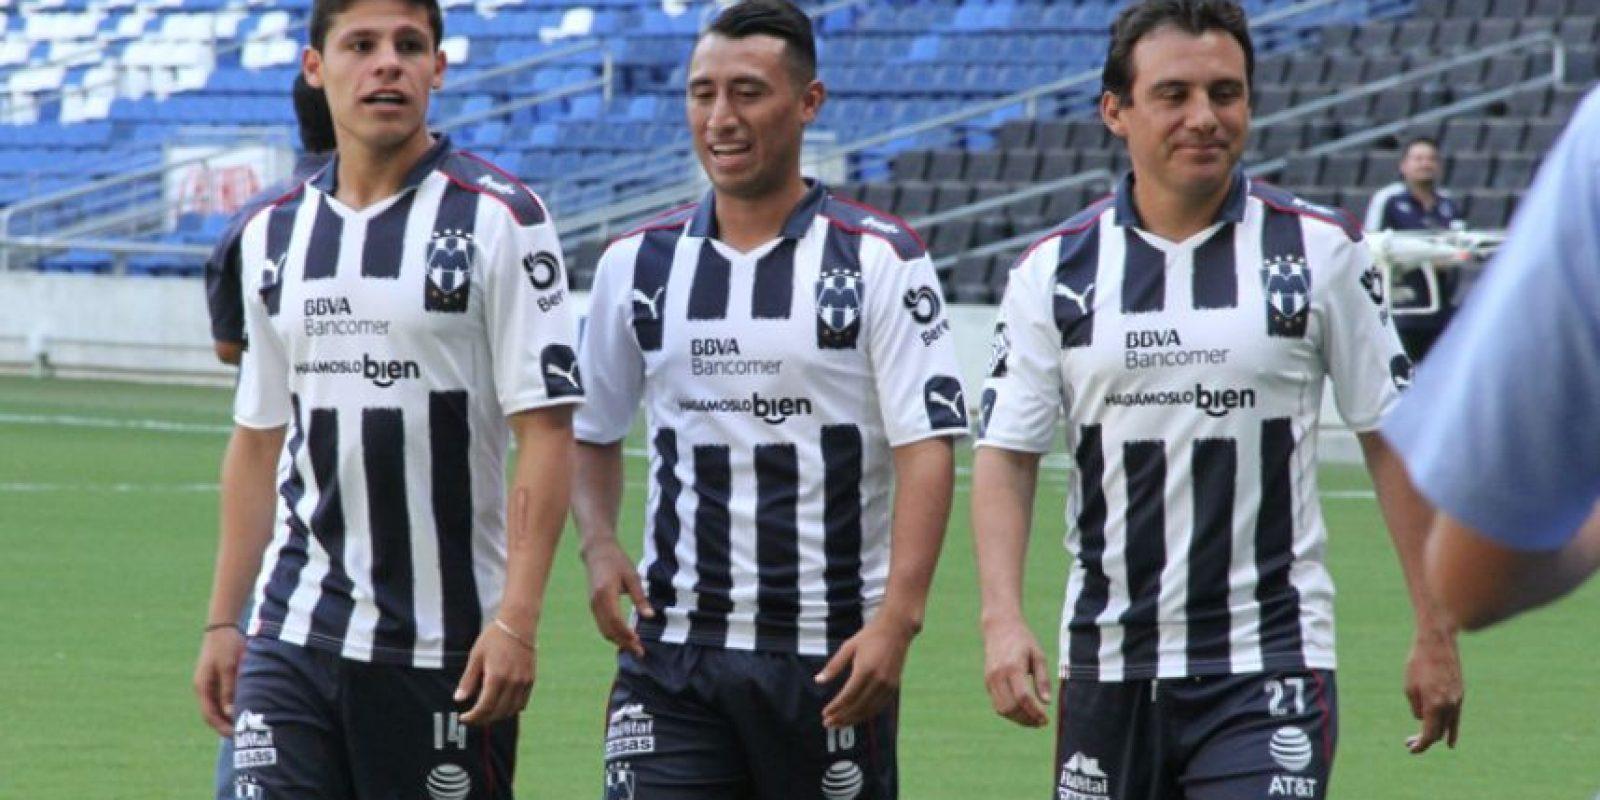 Los jugadores fueron saliendo poco a poco de los vestidores del BBVA Bancomer Foto:Israel Salazar